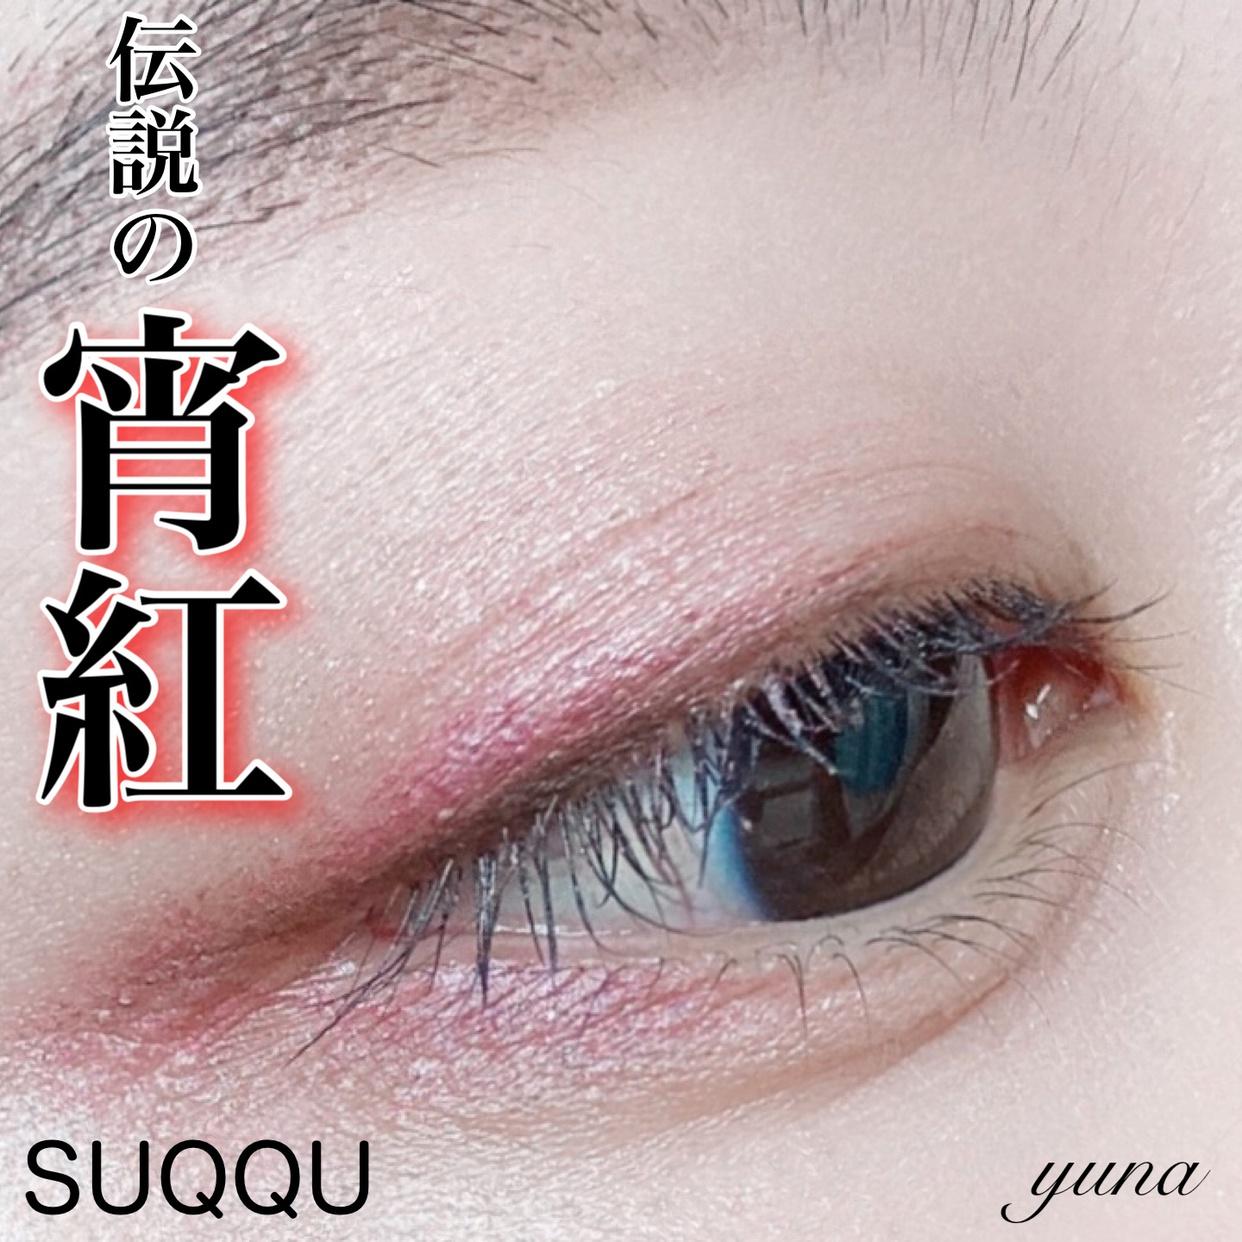 SUQQU(スック) デザイニング カラー アイズを使ったyunaさんのクチコミ画像1